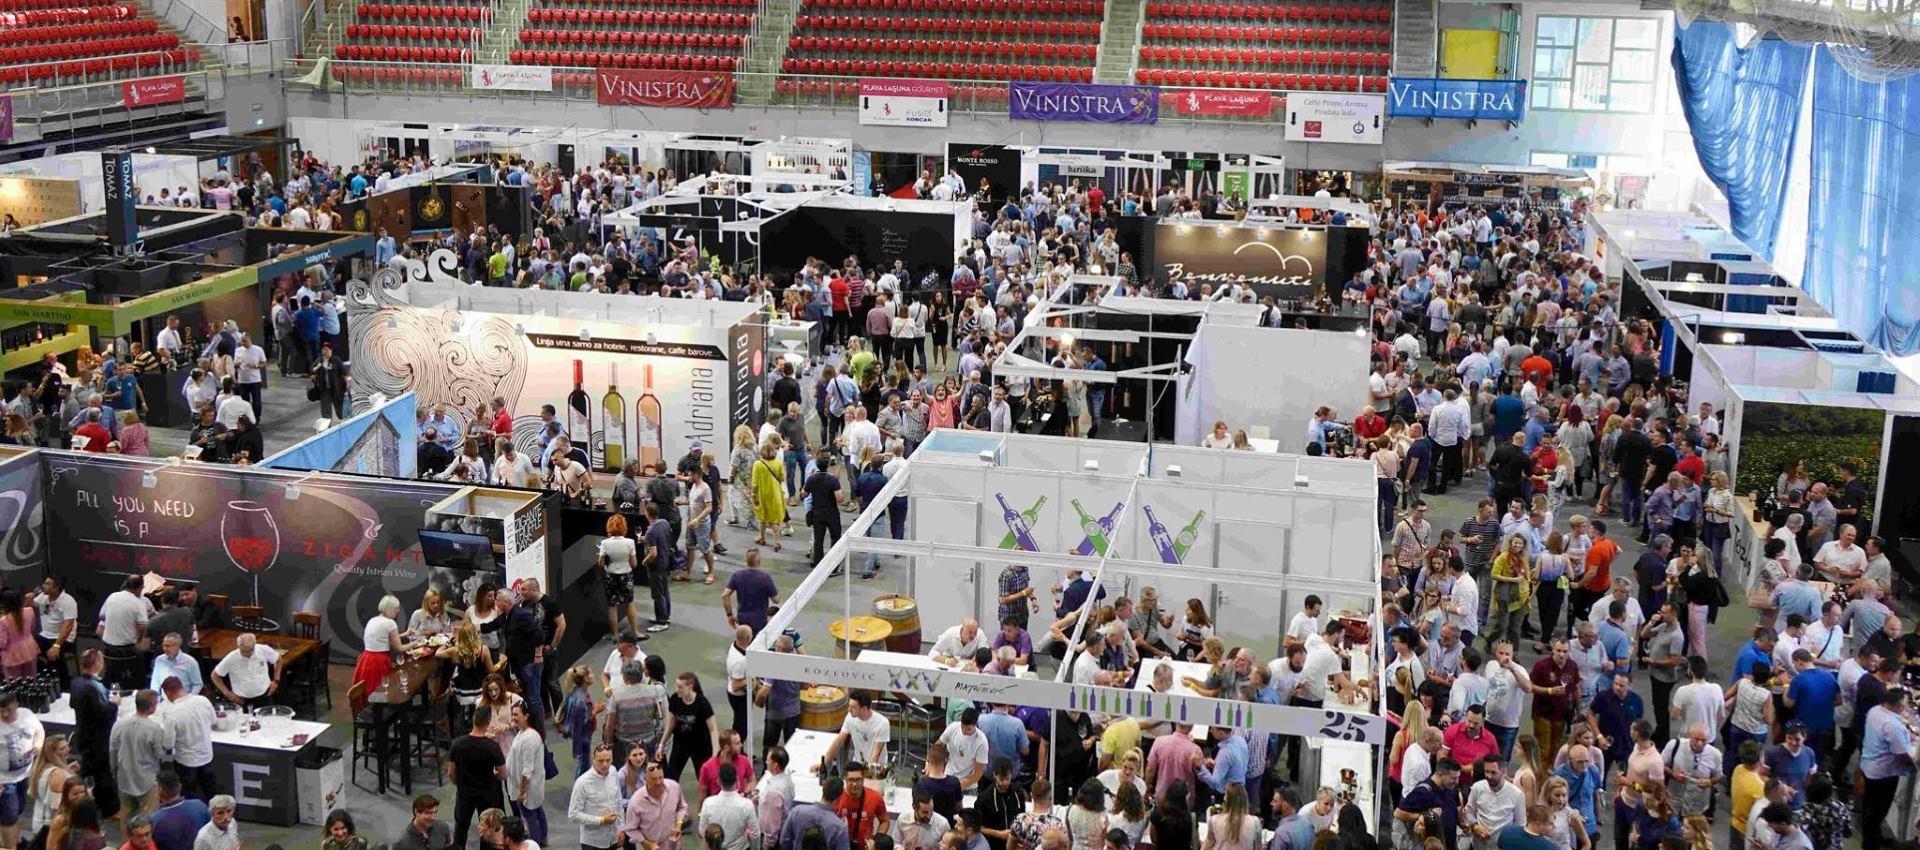 Usvojena Strategija razvoja vinarstva i vinogradarstva Istre do 2030. godine